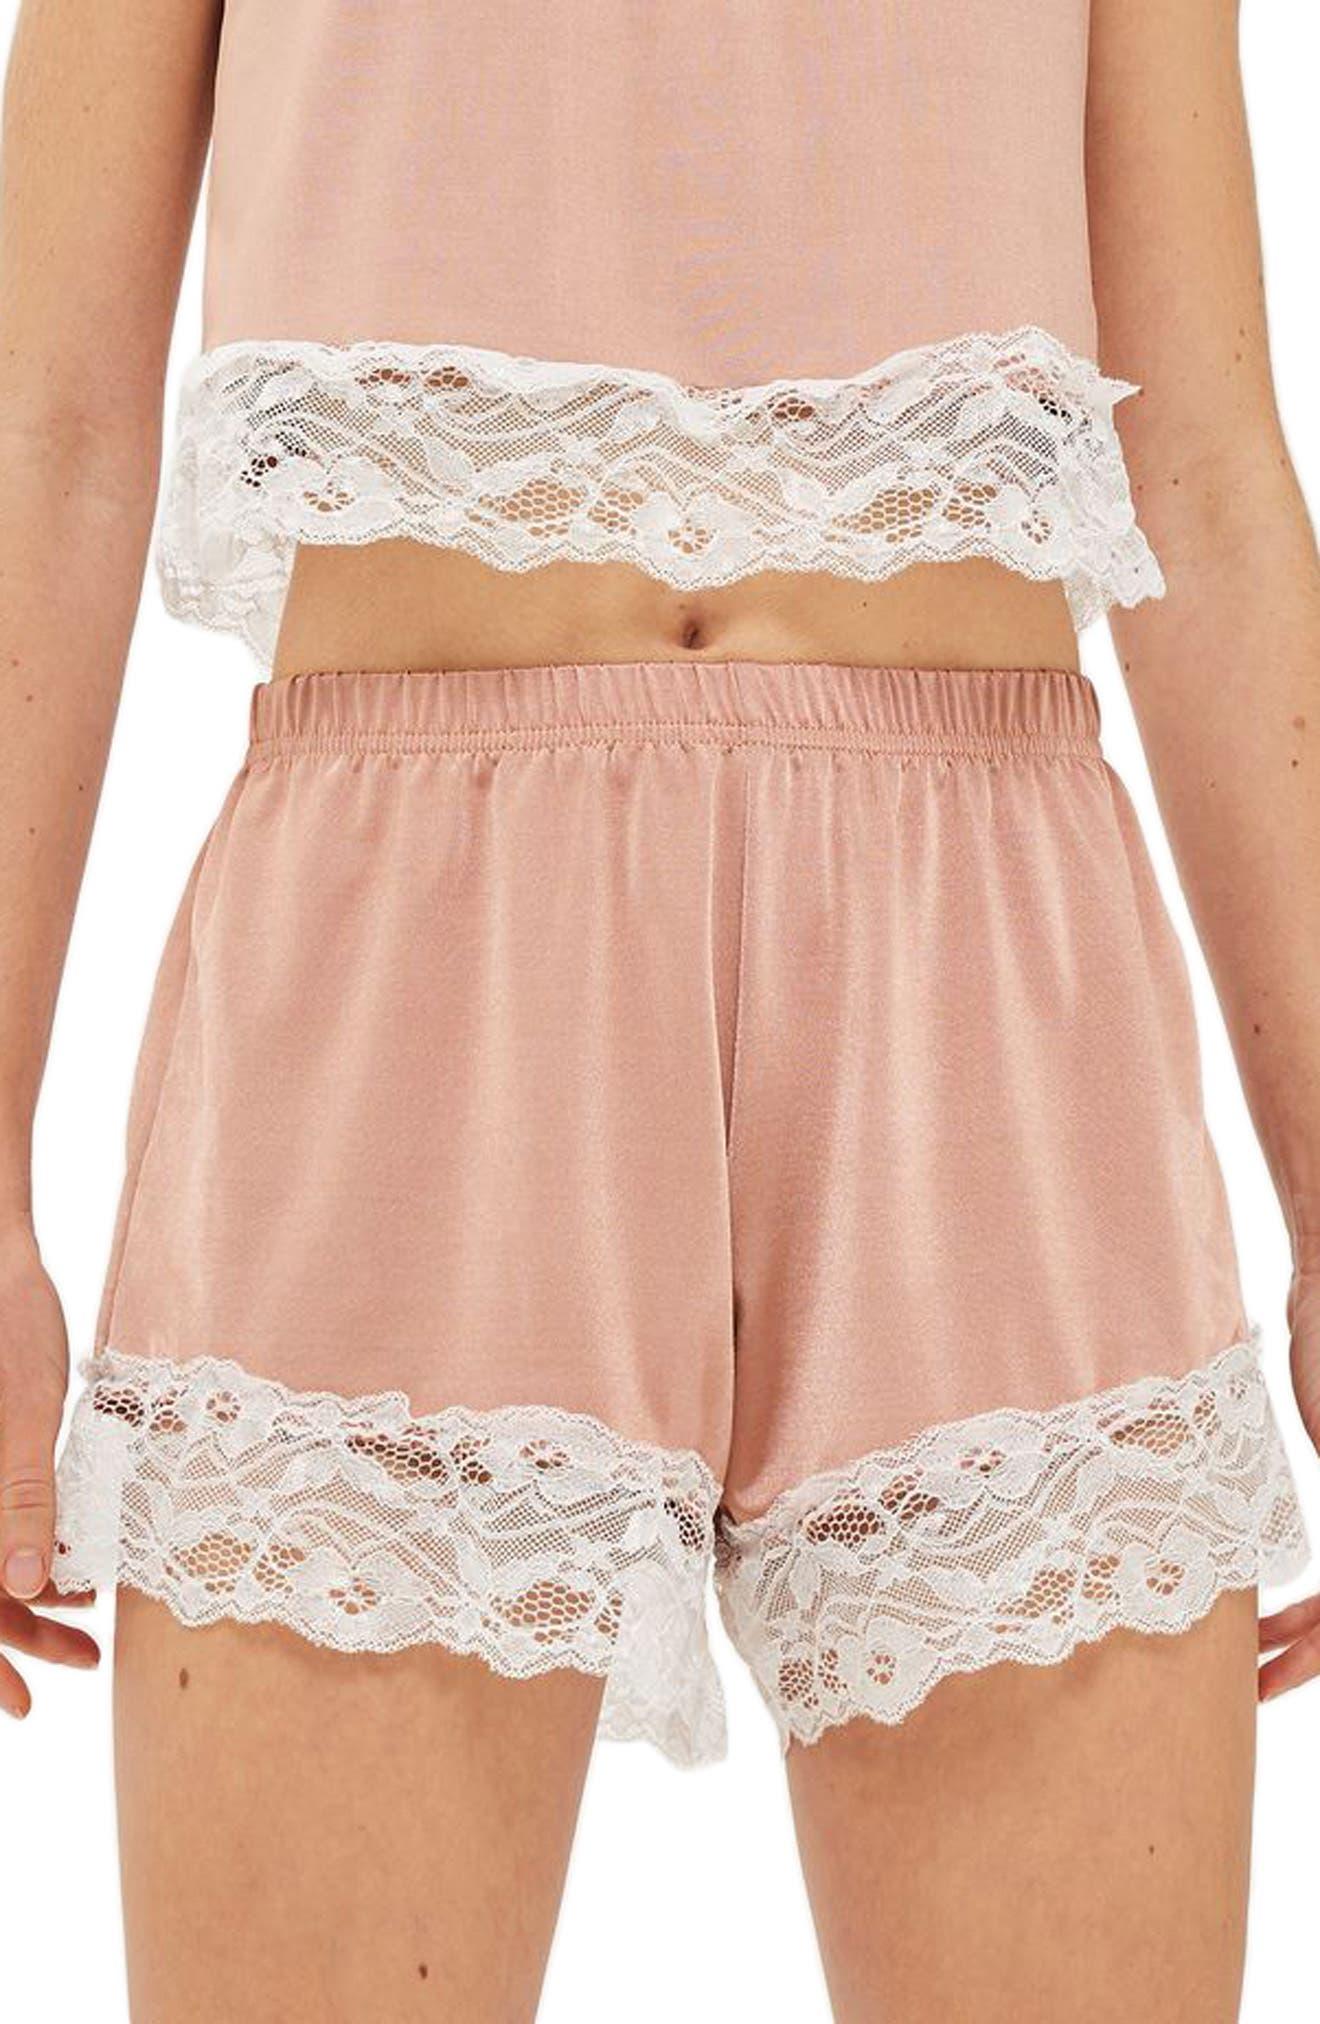 Satin & Lace Pajama Shorts,                             Main thumbnail 1, color,                             250